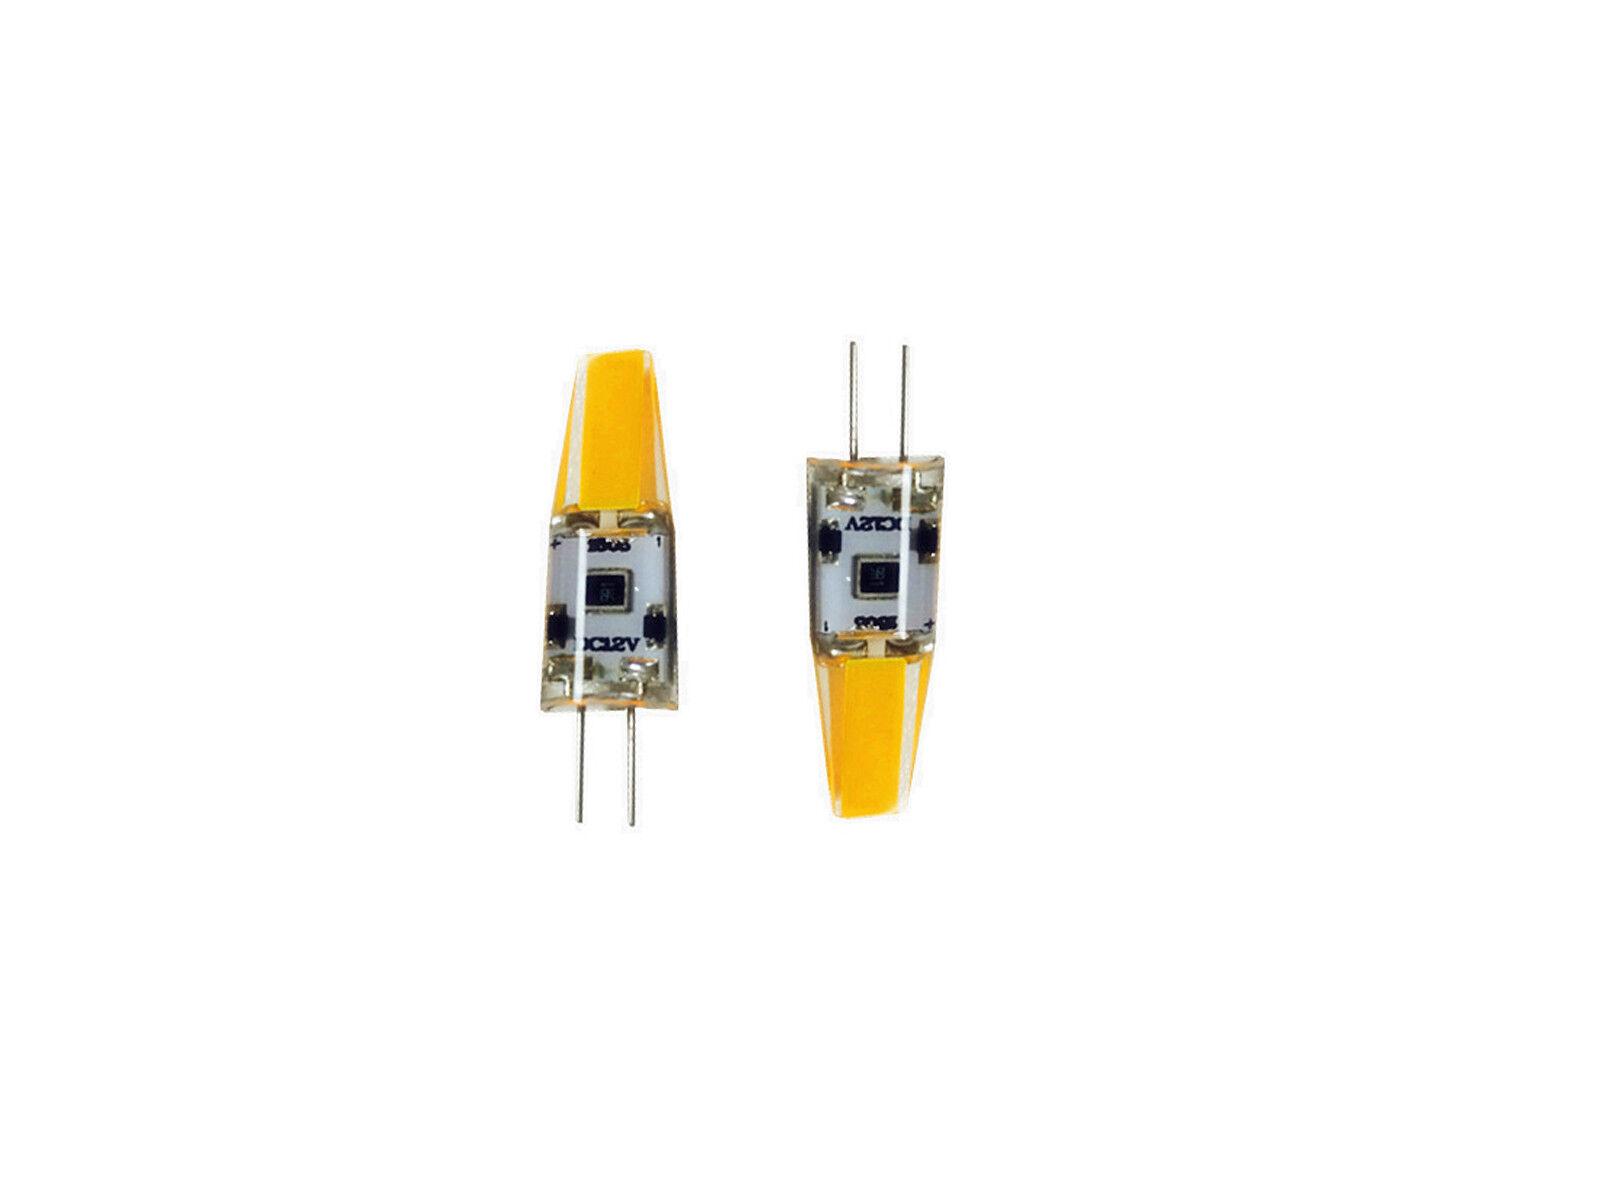 Mini G4 Bi Pin Dimmable Cob Led Spotlight Replace Halogen